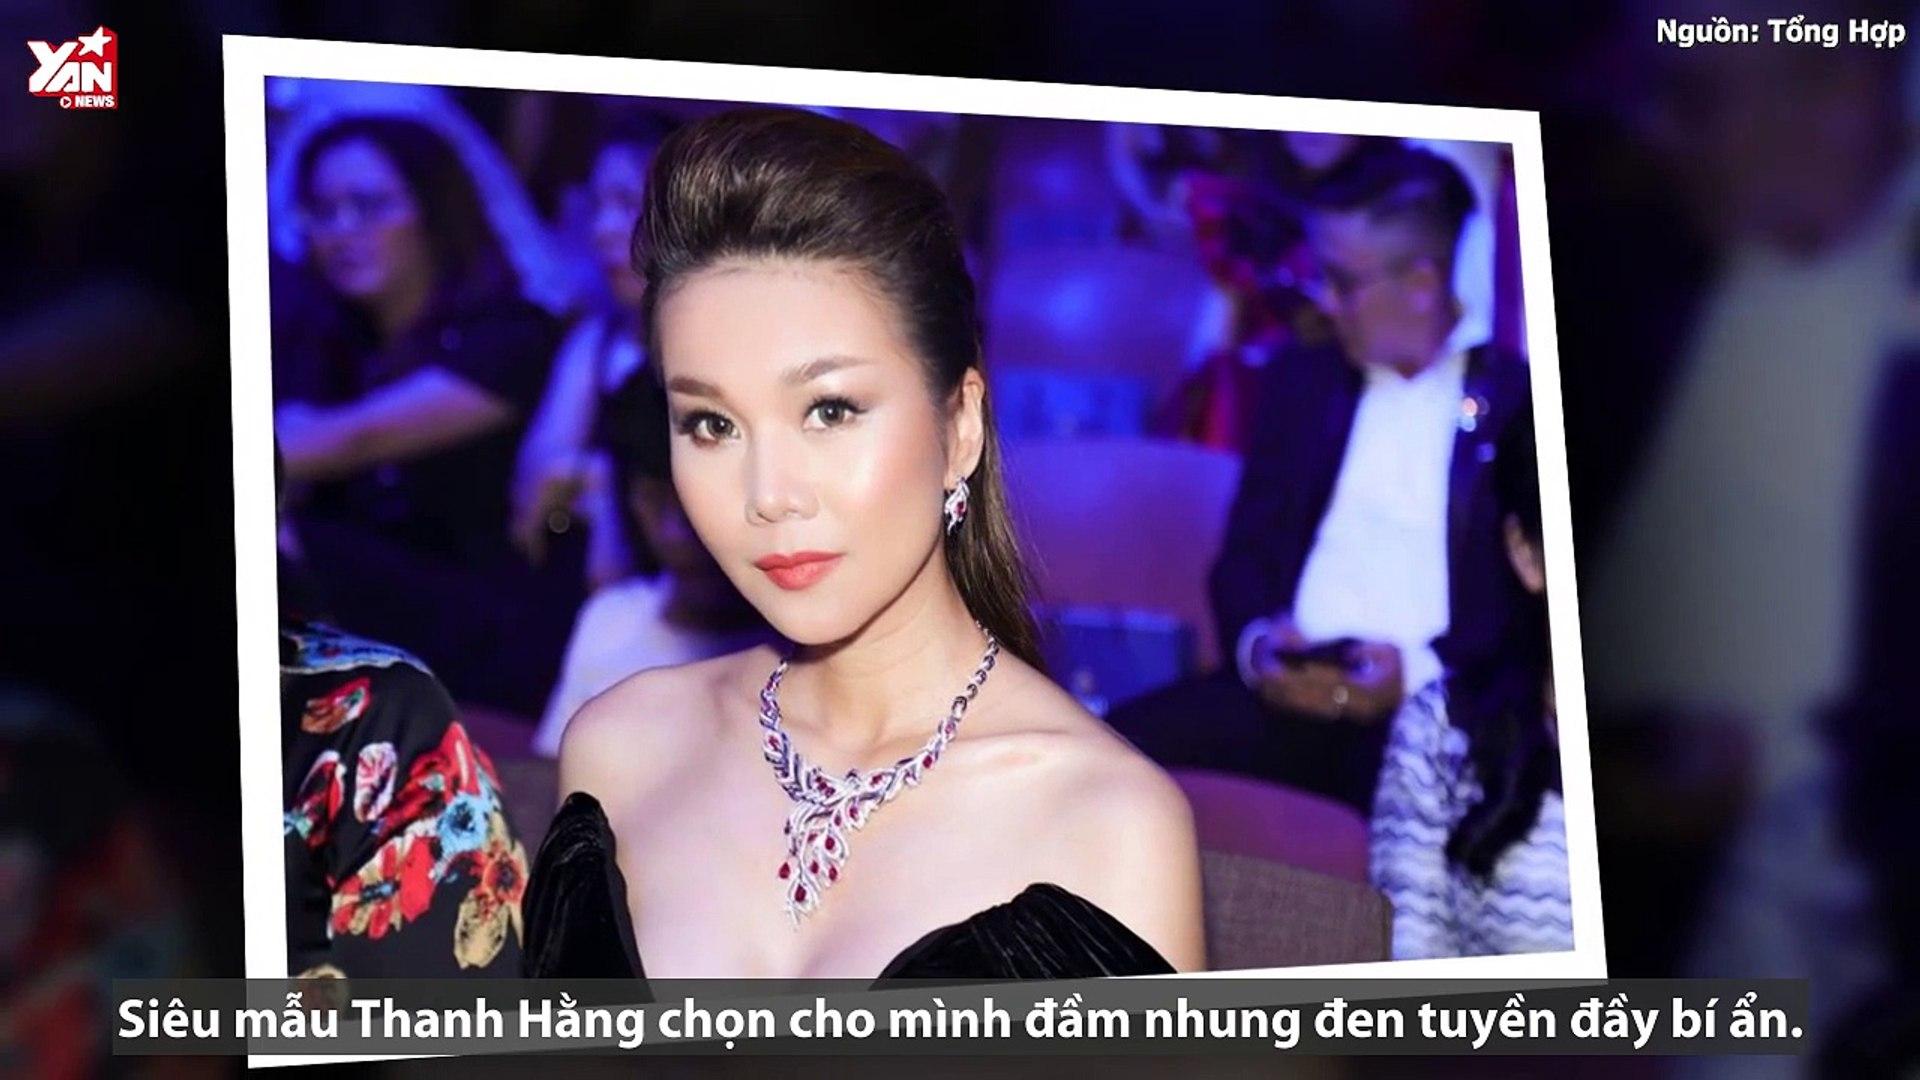 Fashion Police: Hồ Ngọc Hà và Minh Hằng đụng hàng sắc trắng nhưng đẳng cấp chênh lệch